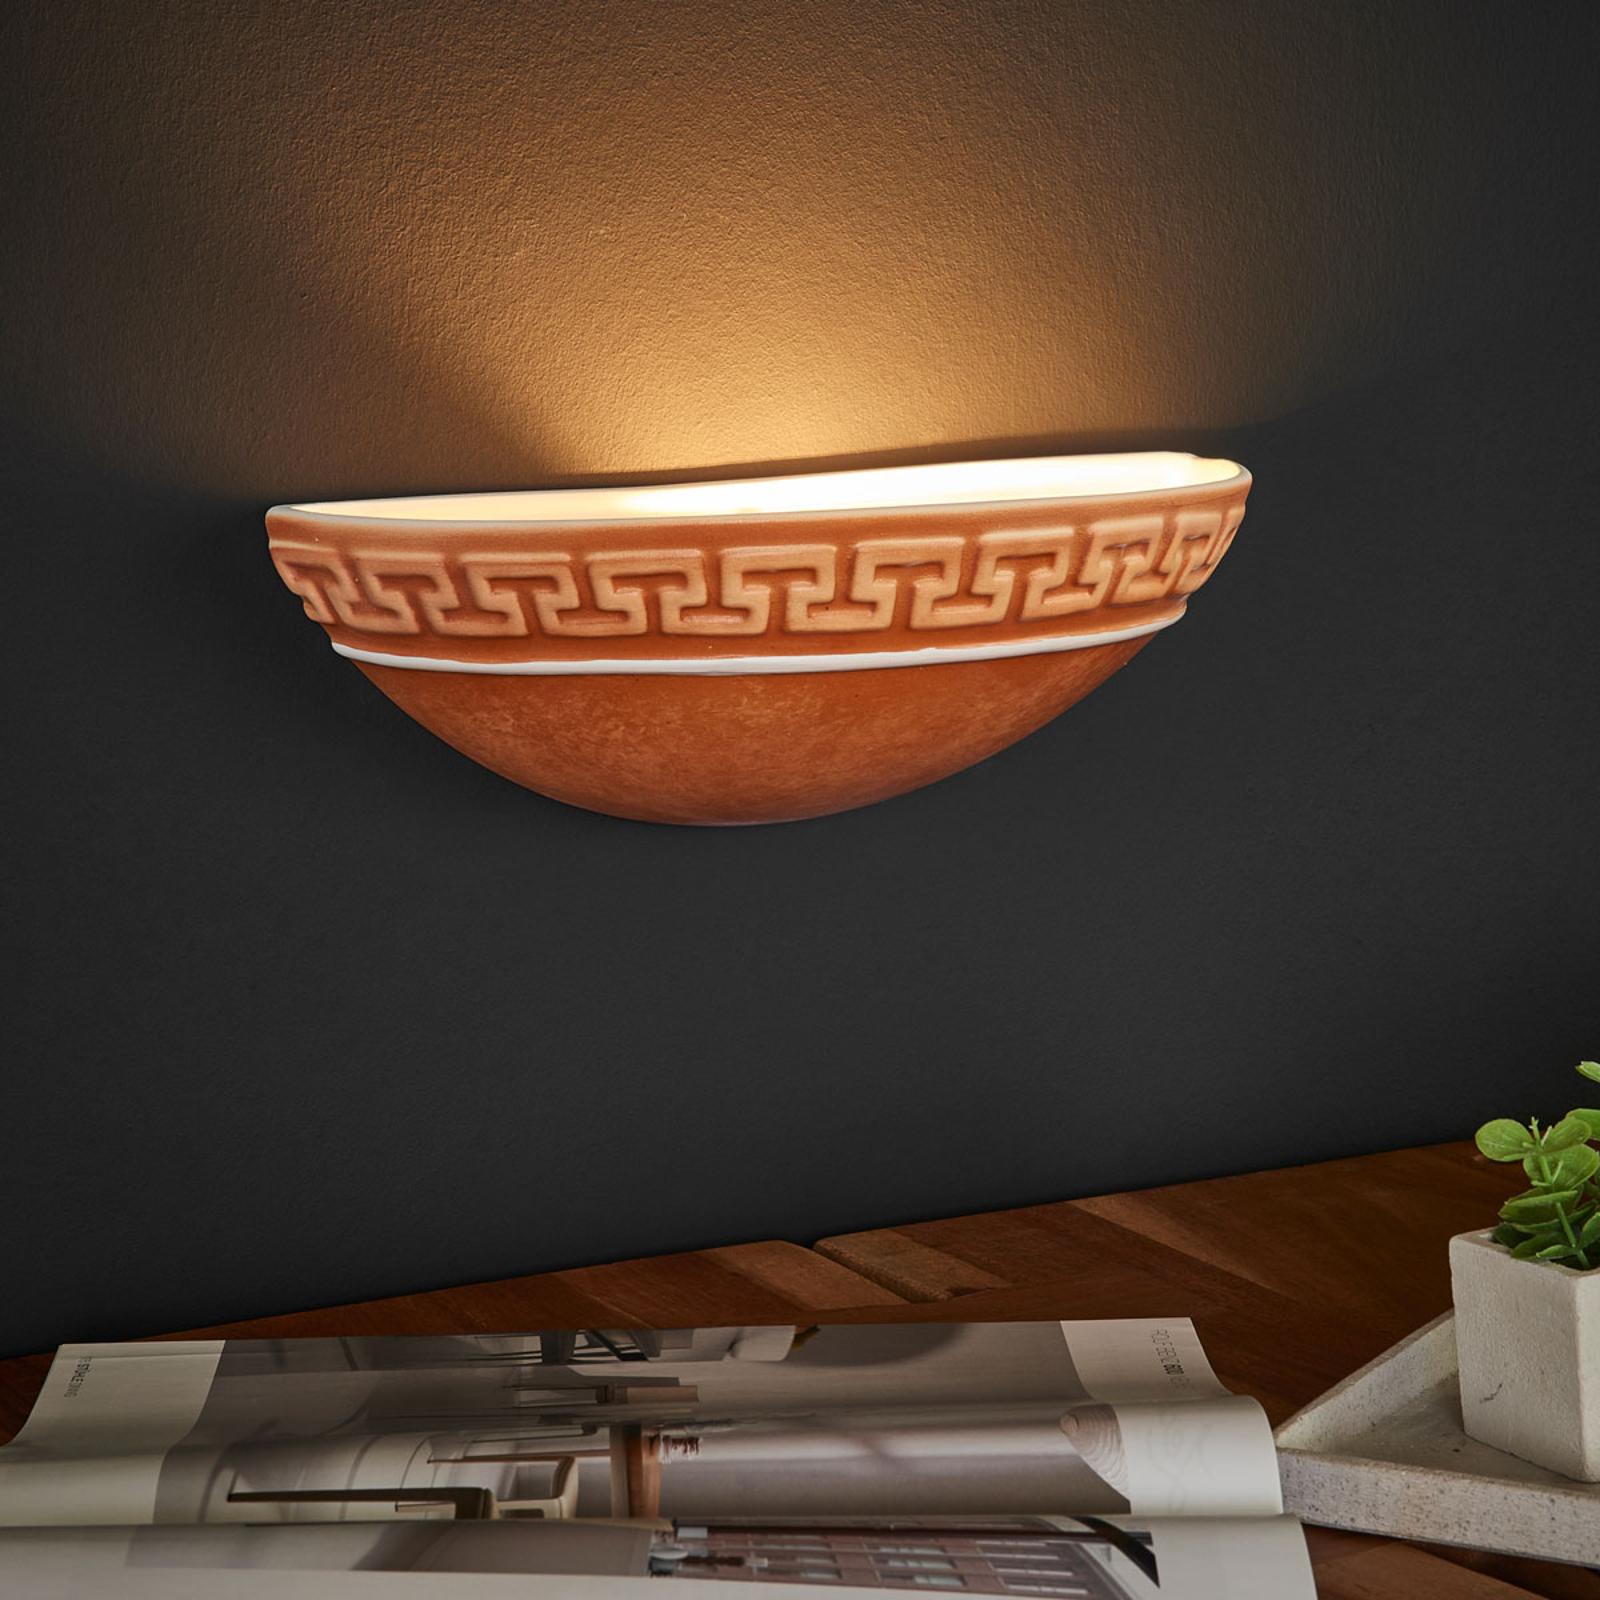 Nástěnné světlo GRECA MEDITERRANEO